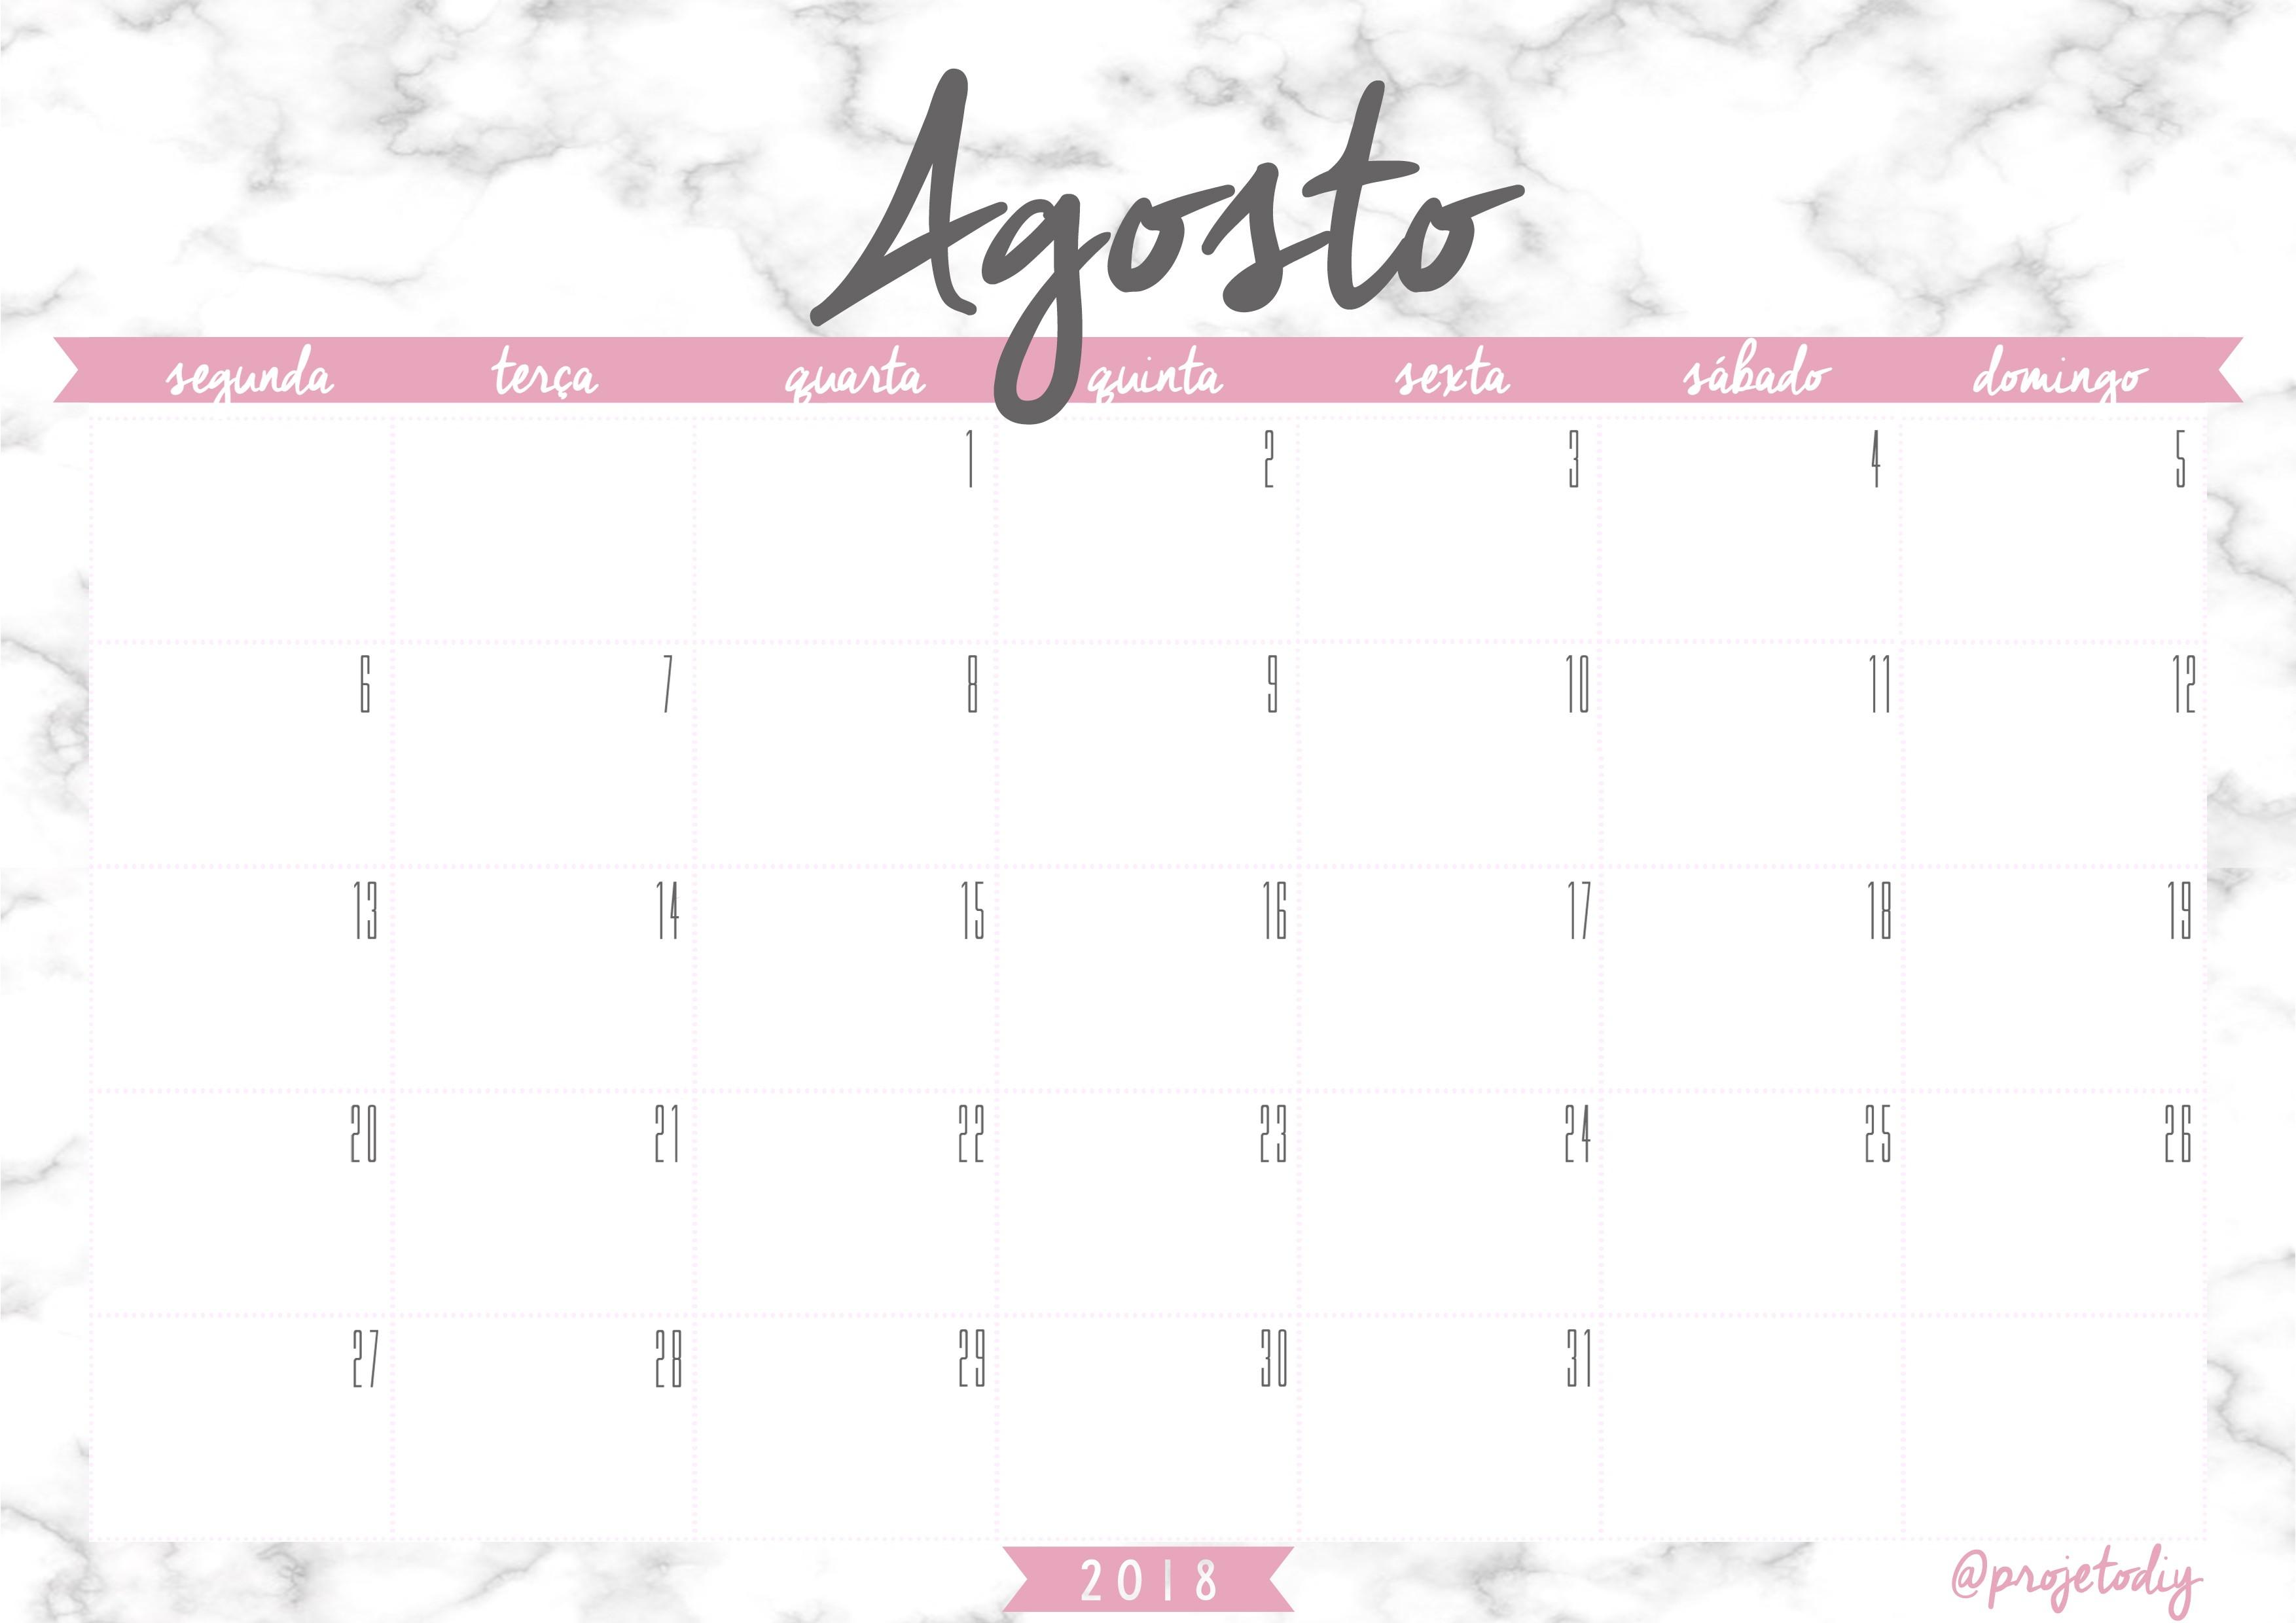 Calendário 2019 Com Feriados Download Más Caliente Calendario Novembro 2018 Imprimir T Of Calendário 2019 Com Feriados Download Más Arriba-a-fecha Calendario Octubre 2018 Colombia T